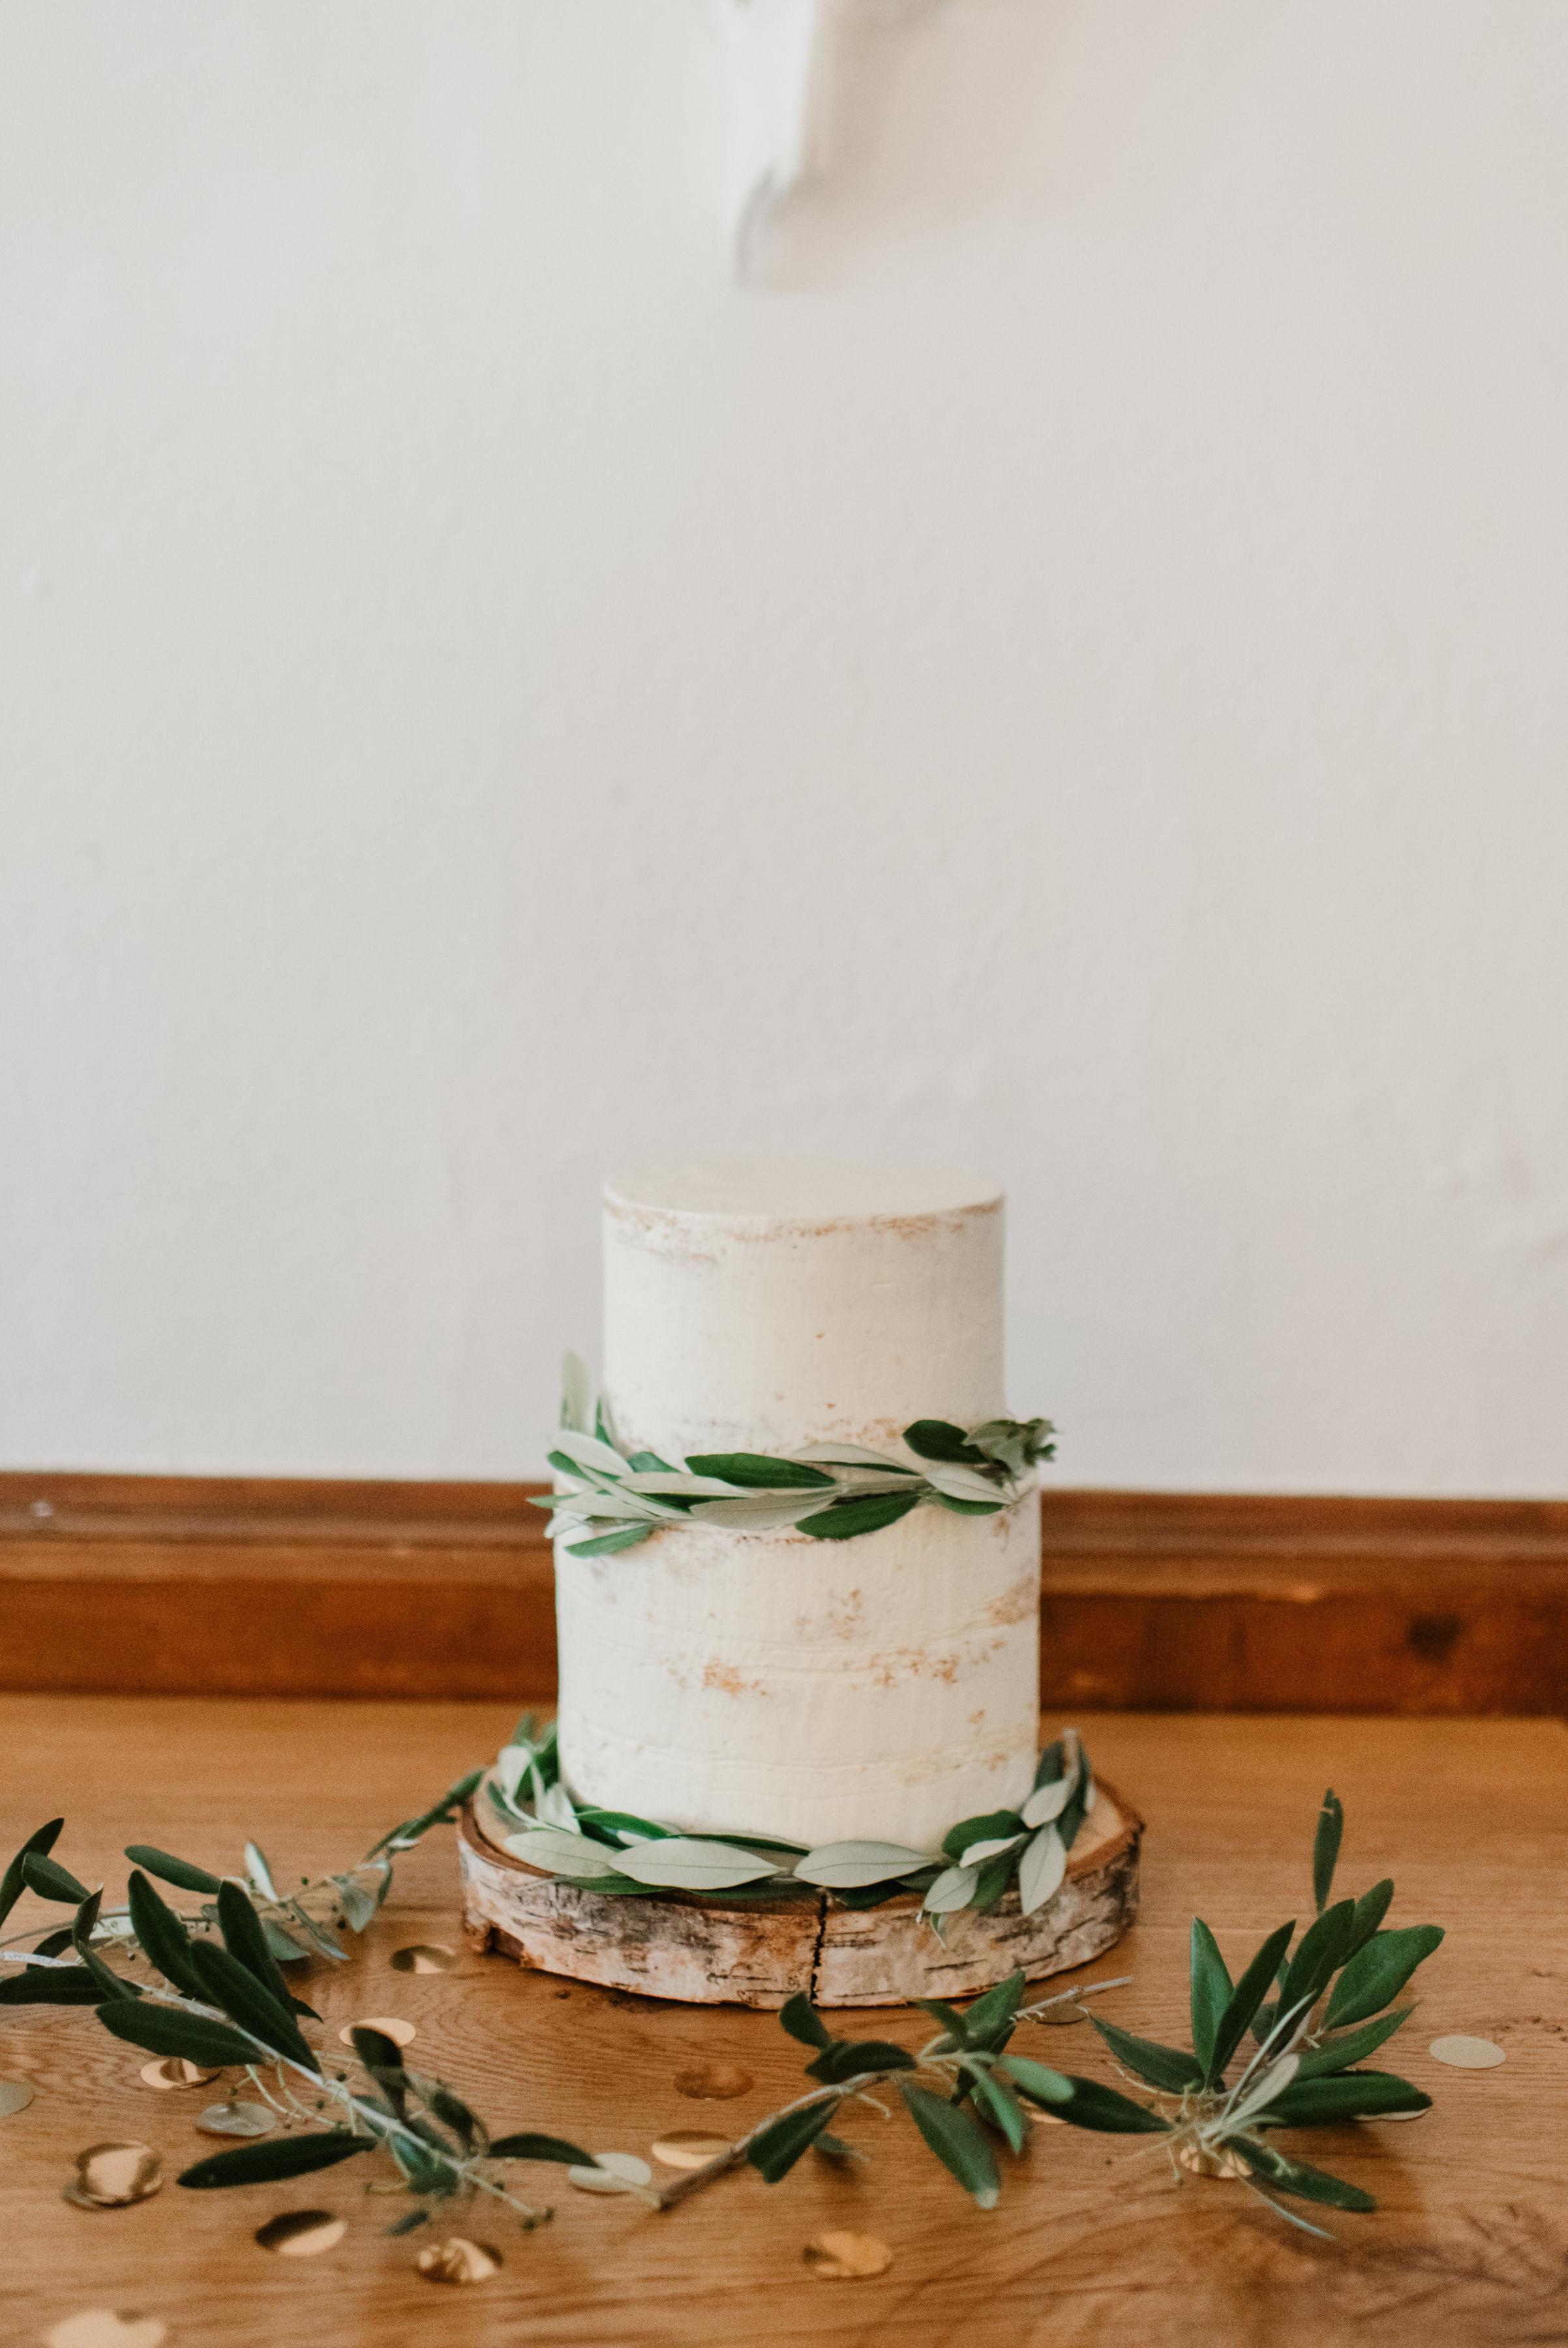 Tortenrezept für Taufe und Hochzeit, Foto Leonie Cappello